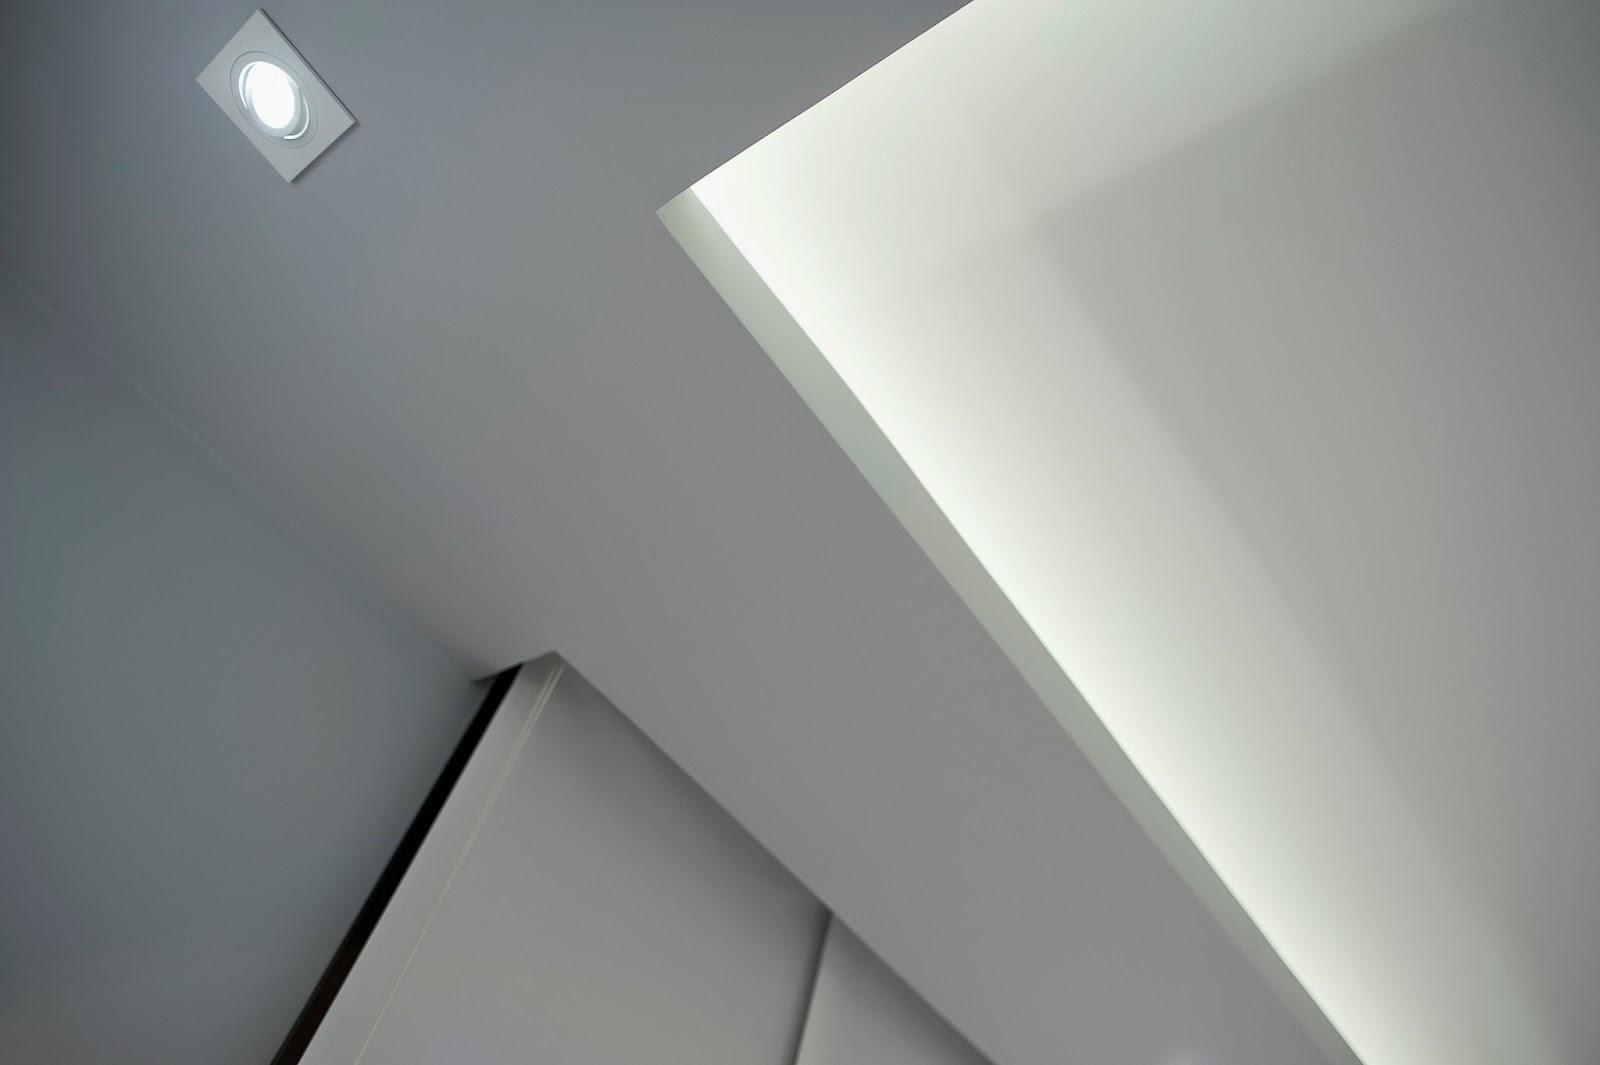 Placas de yeso laminado tabiques y revestimientos muy for Modelos de yeso para techos